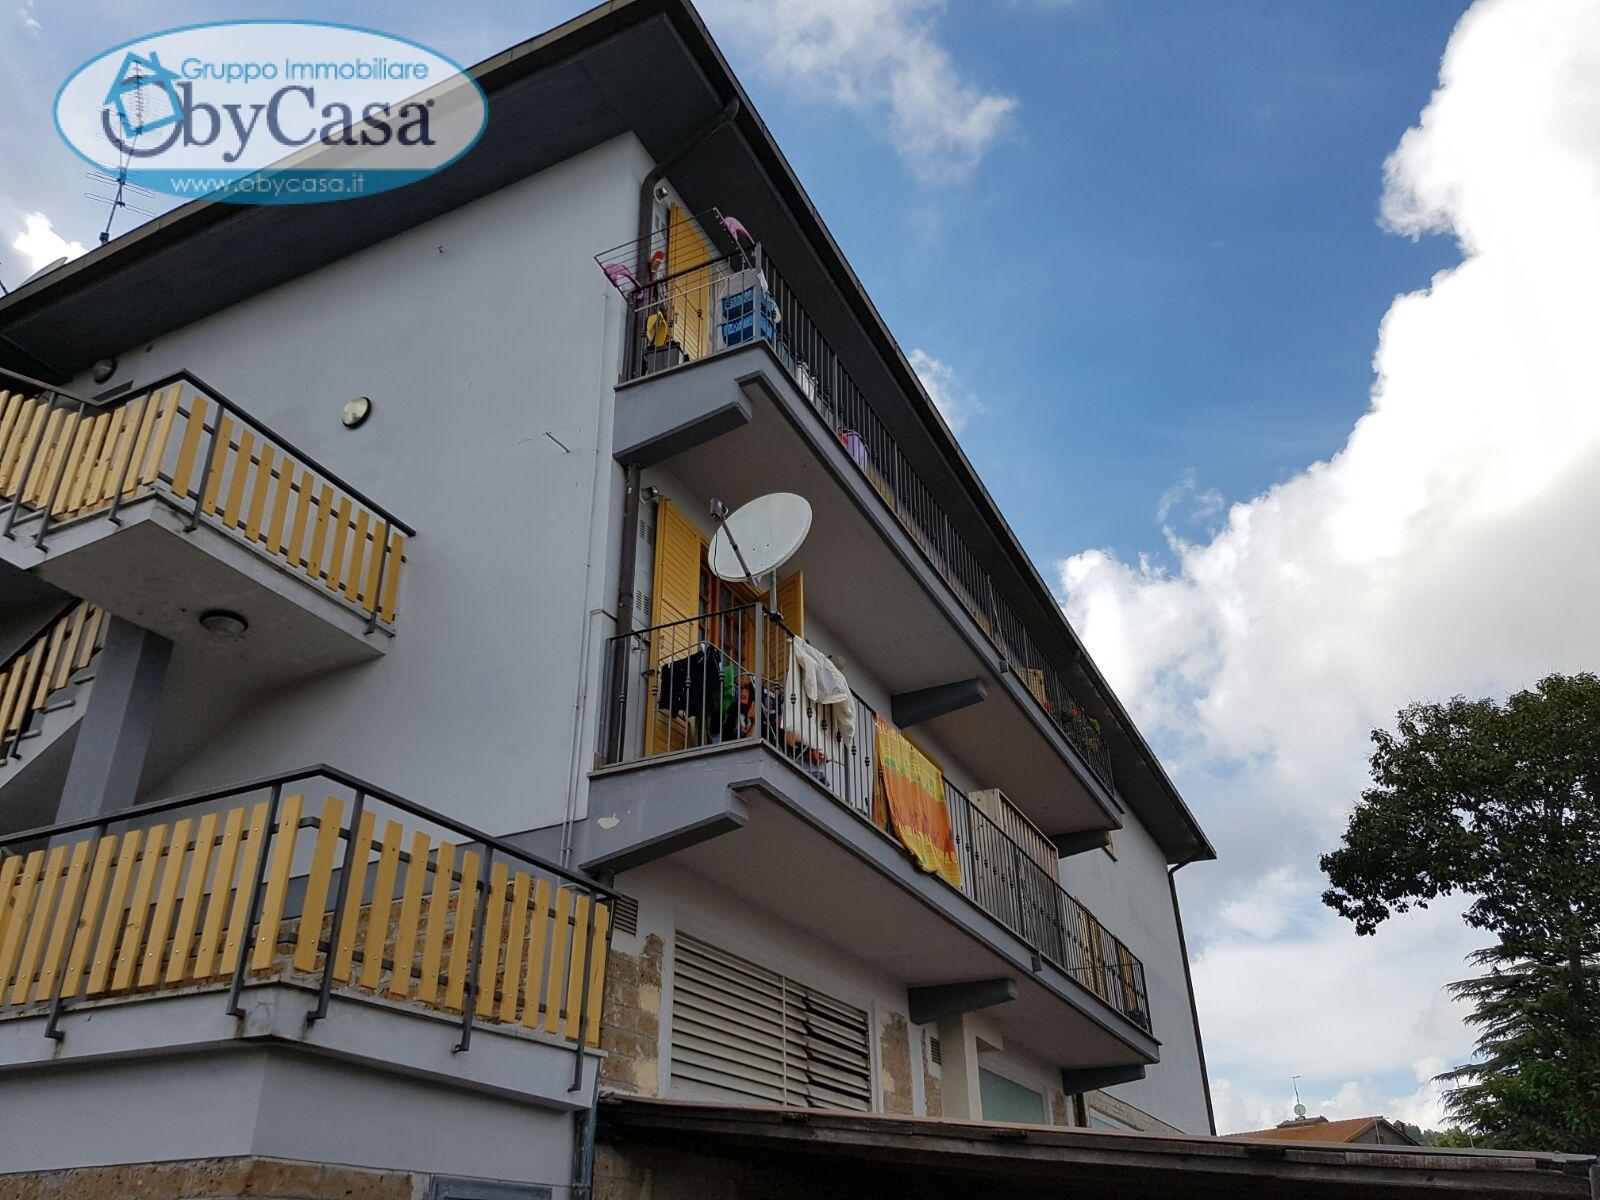 Appartamento in vendita a Manziana, 3 locali, prezzo € 95.000 | Cambio Casa.it